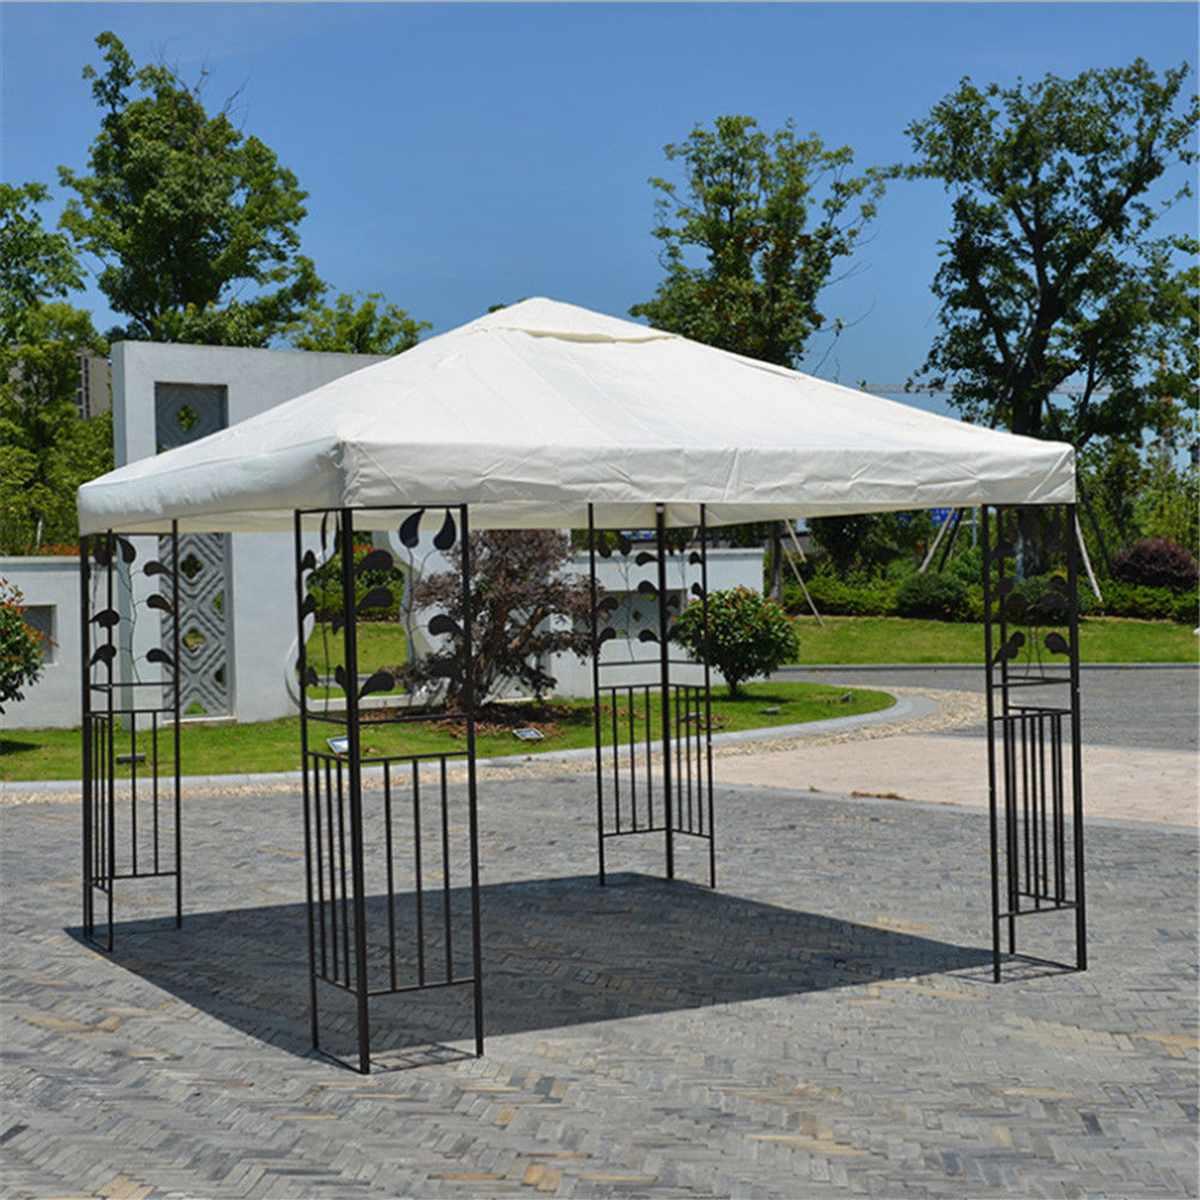 3x3 M 300D toile Camping randonnée soleil abri extérieur tente auvent Top couverture de toit Patio soleil ombre tissu ombre abri remplacer la partie